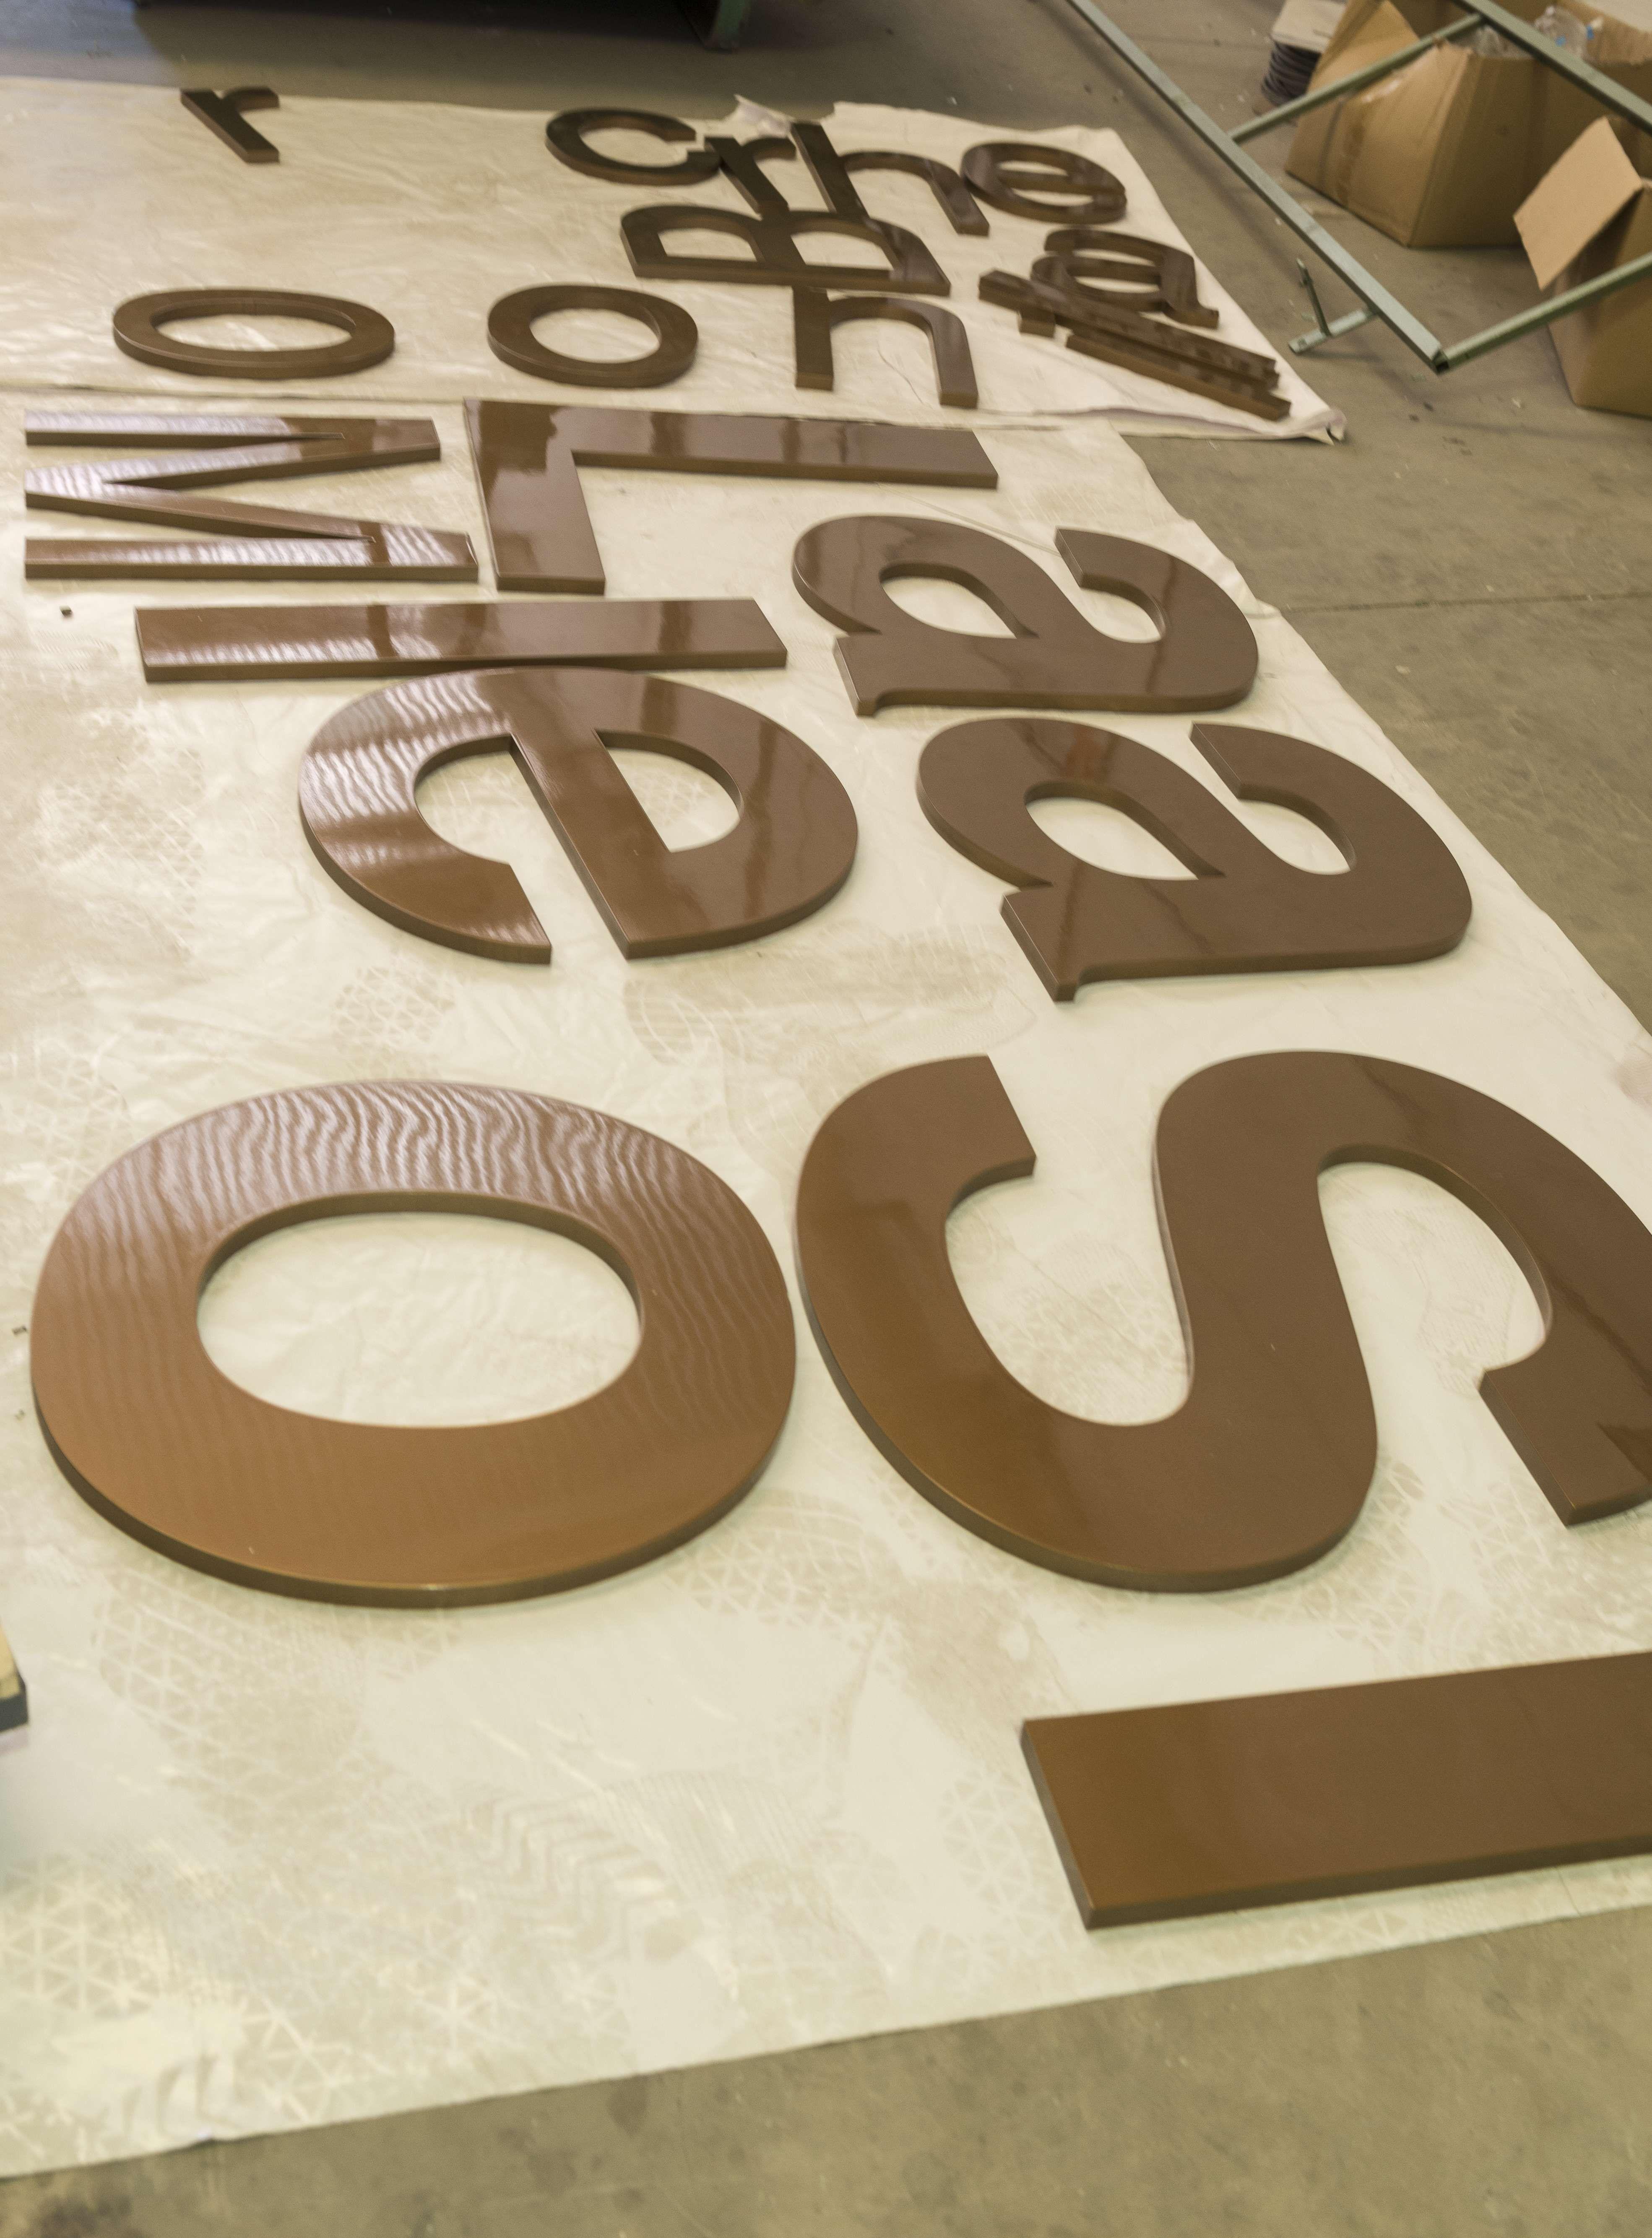 Gran variedad de letras corpóreas